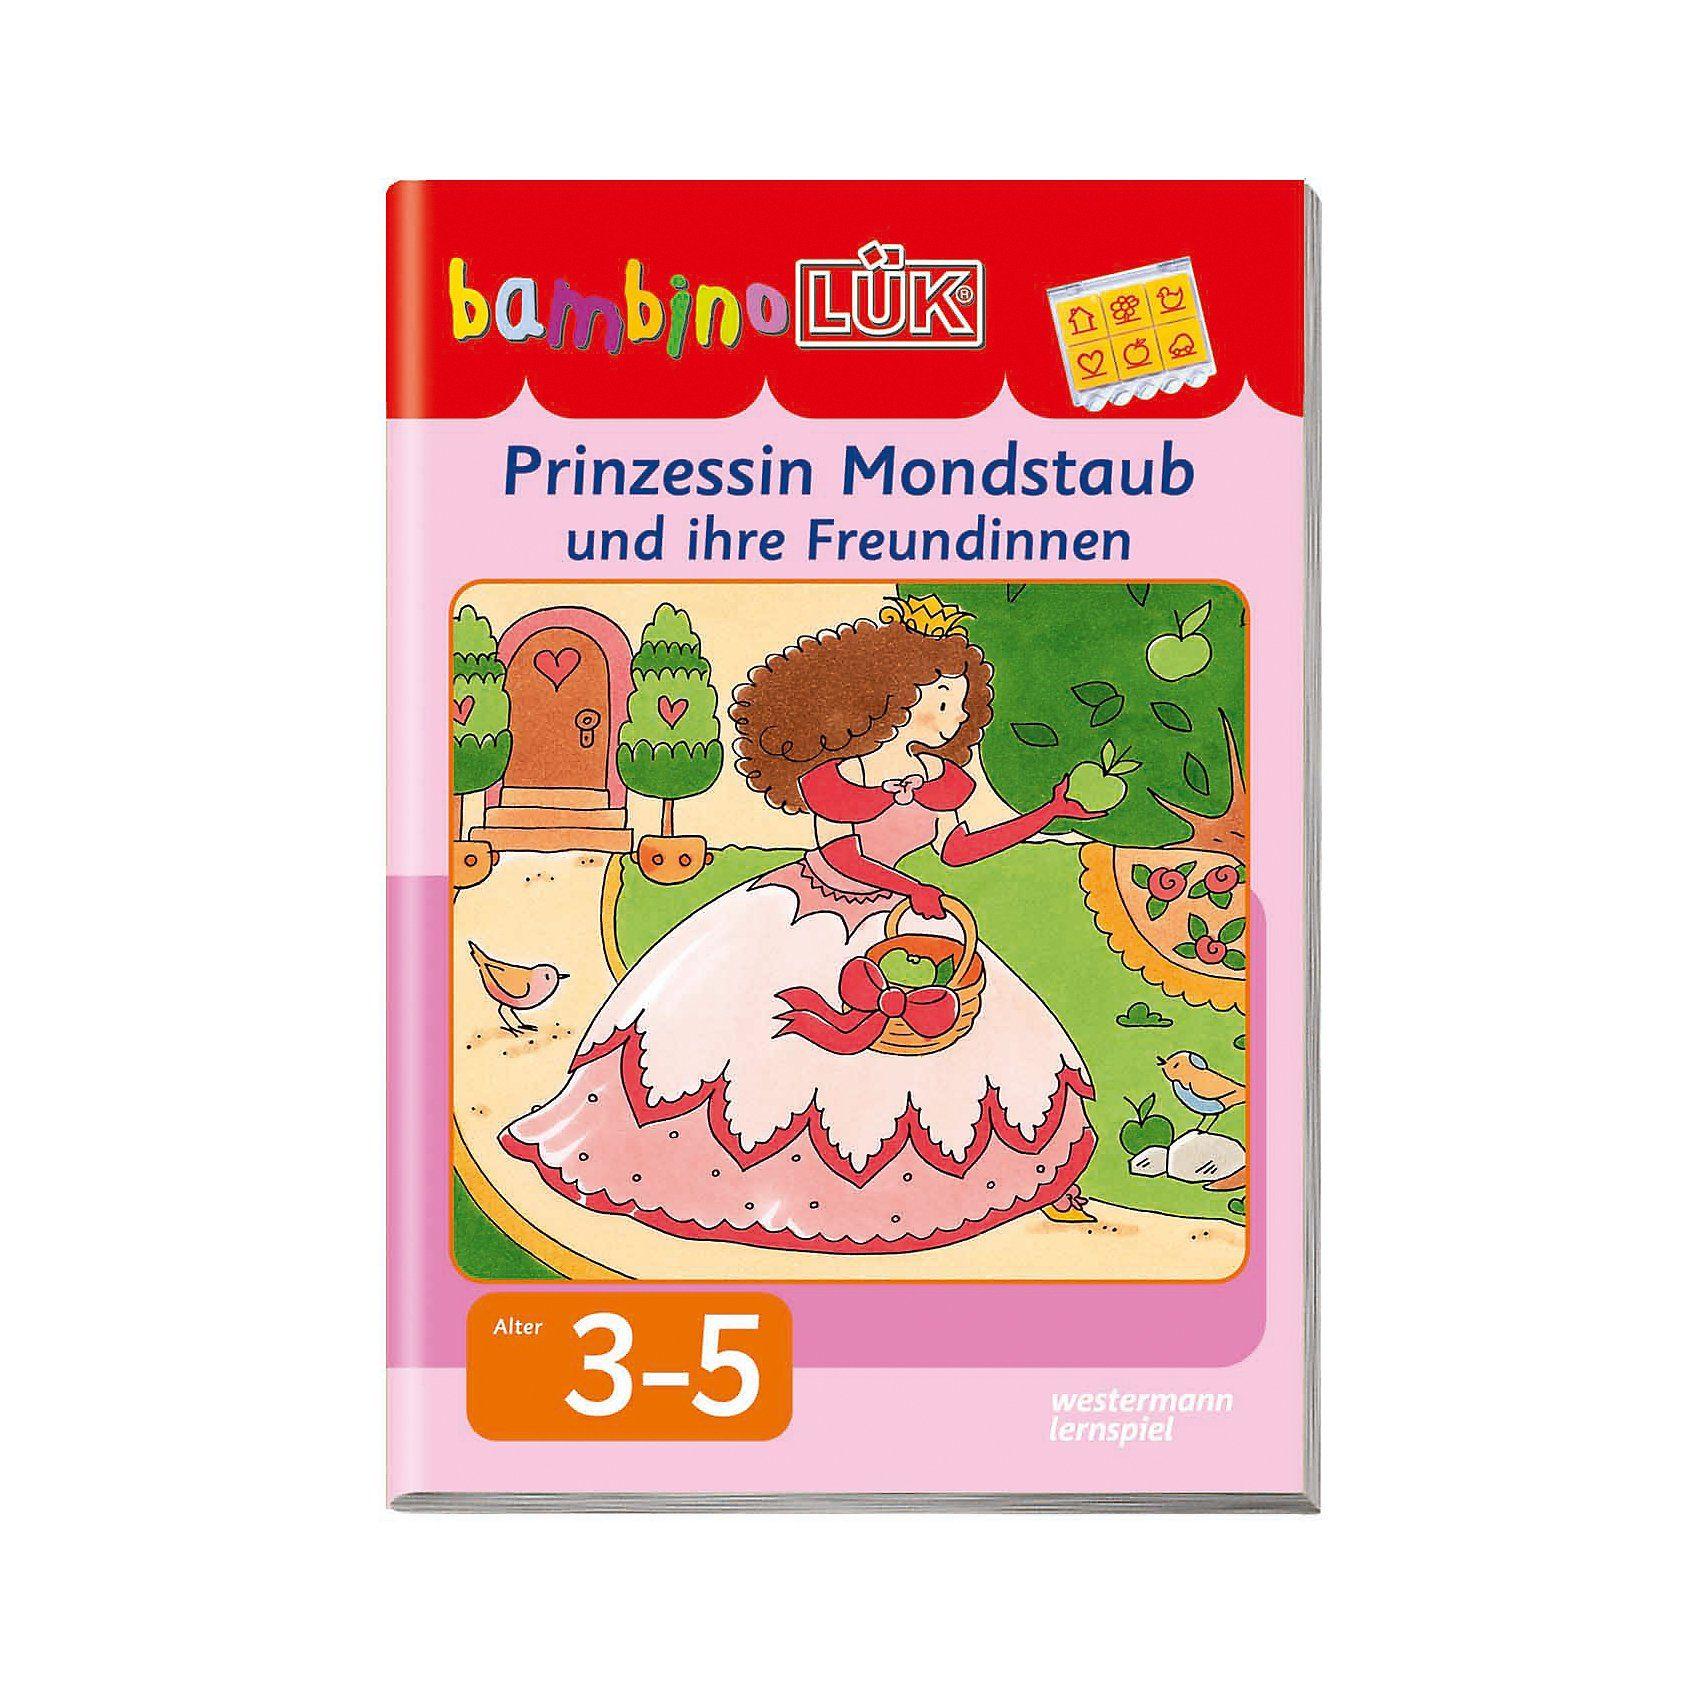 Westermann Verlag bambino LÜK: Prinzessin Mondstaub und ihre Freundinnen